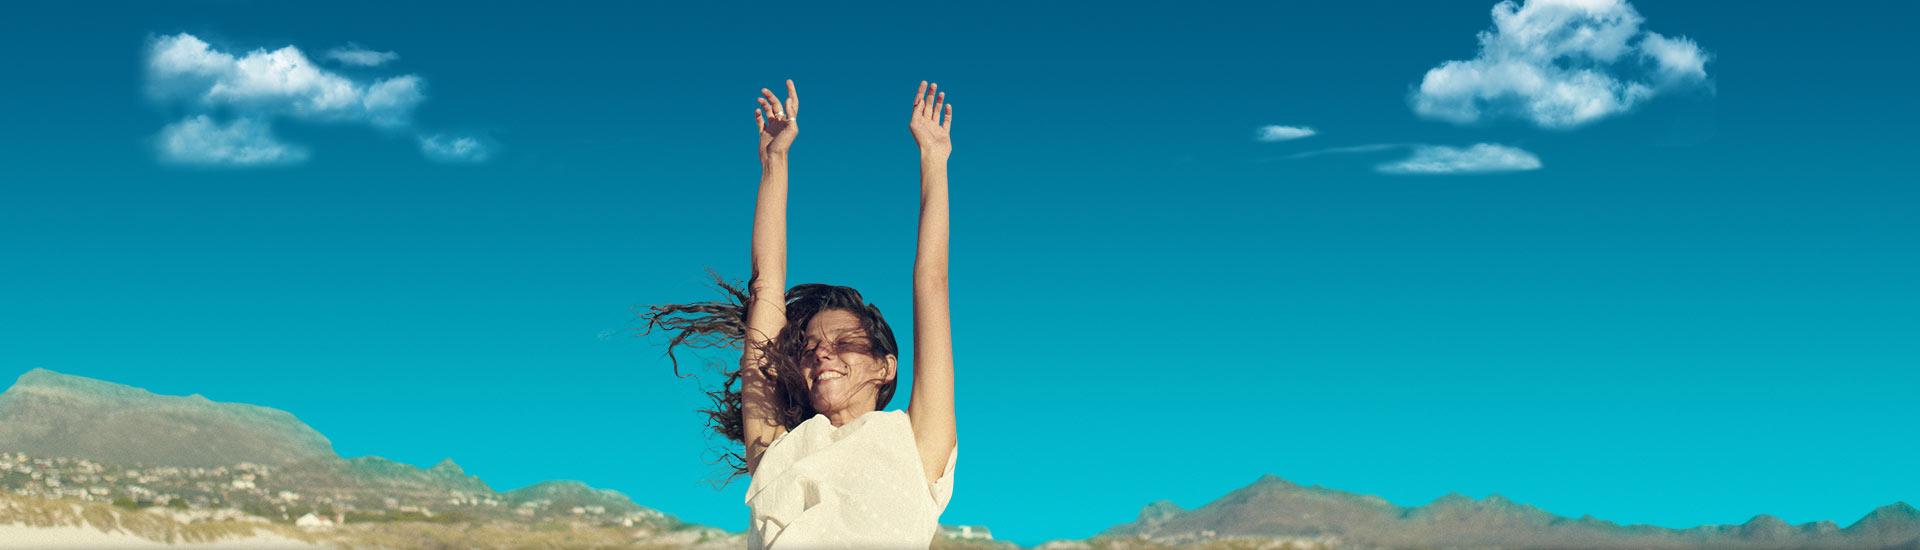 Chica levanta los brazos de alegría con las nuevas tarifas contrato Movistar